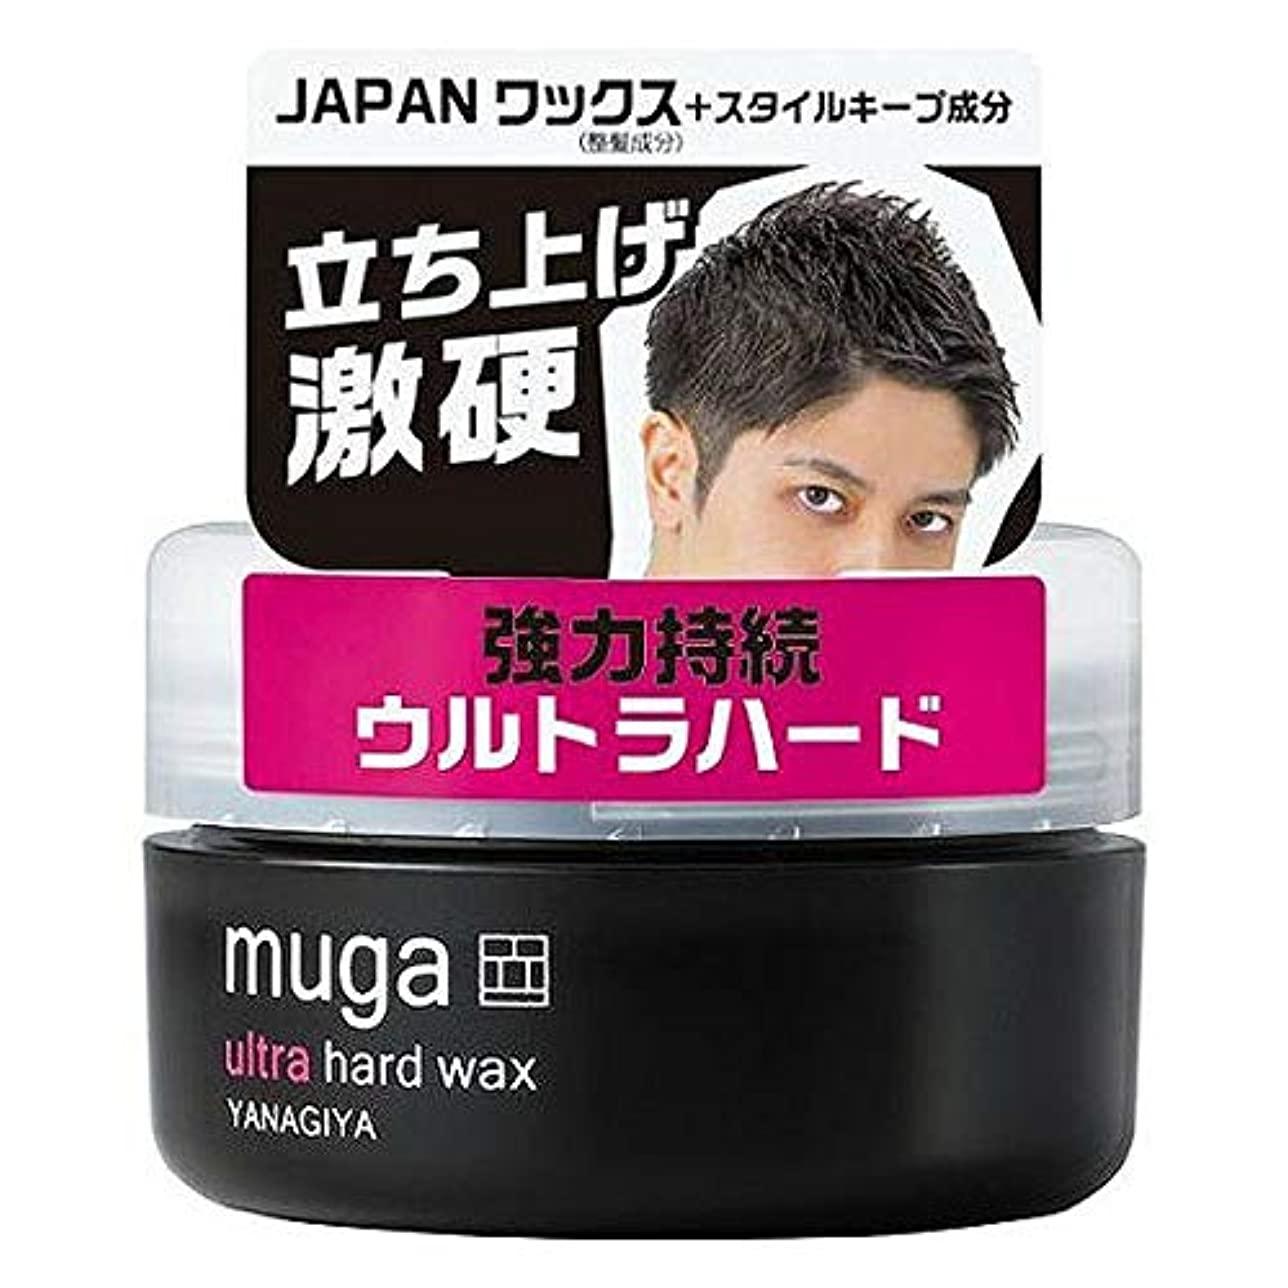 適度に懸念足【柳屋本店】MUGA ウルトラハードワックス 85g